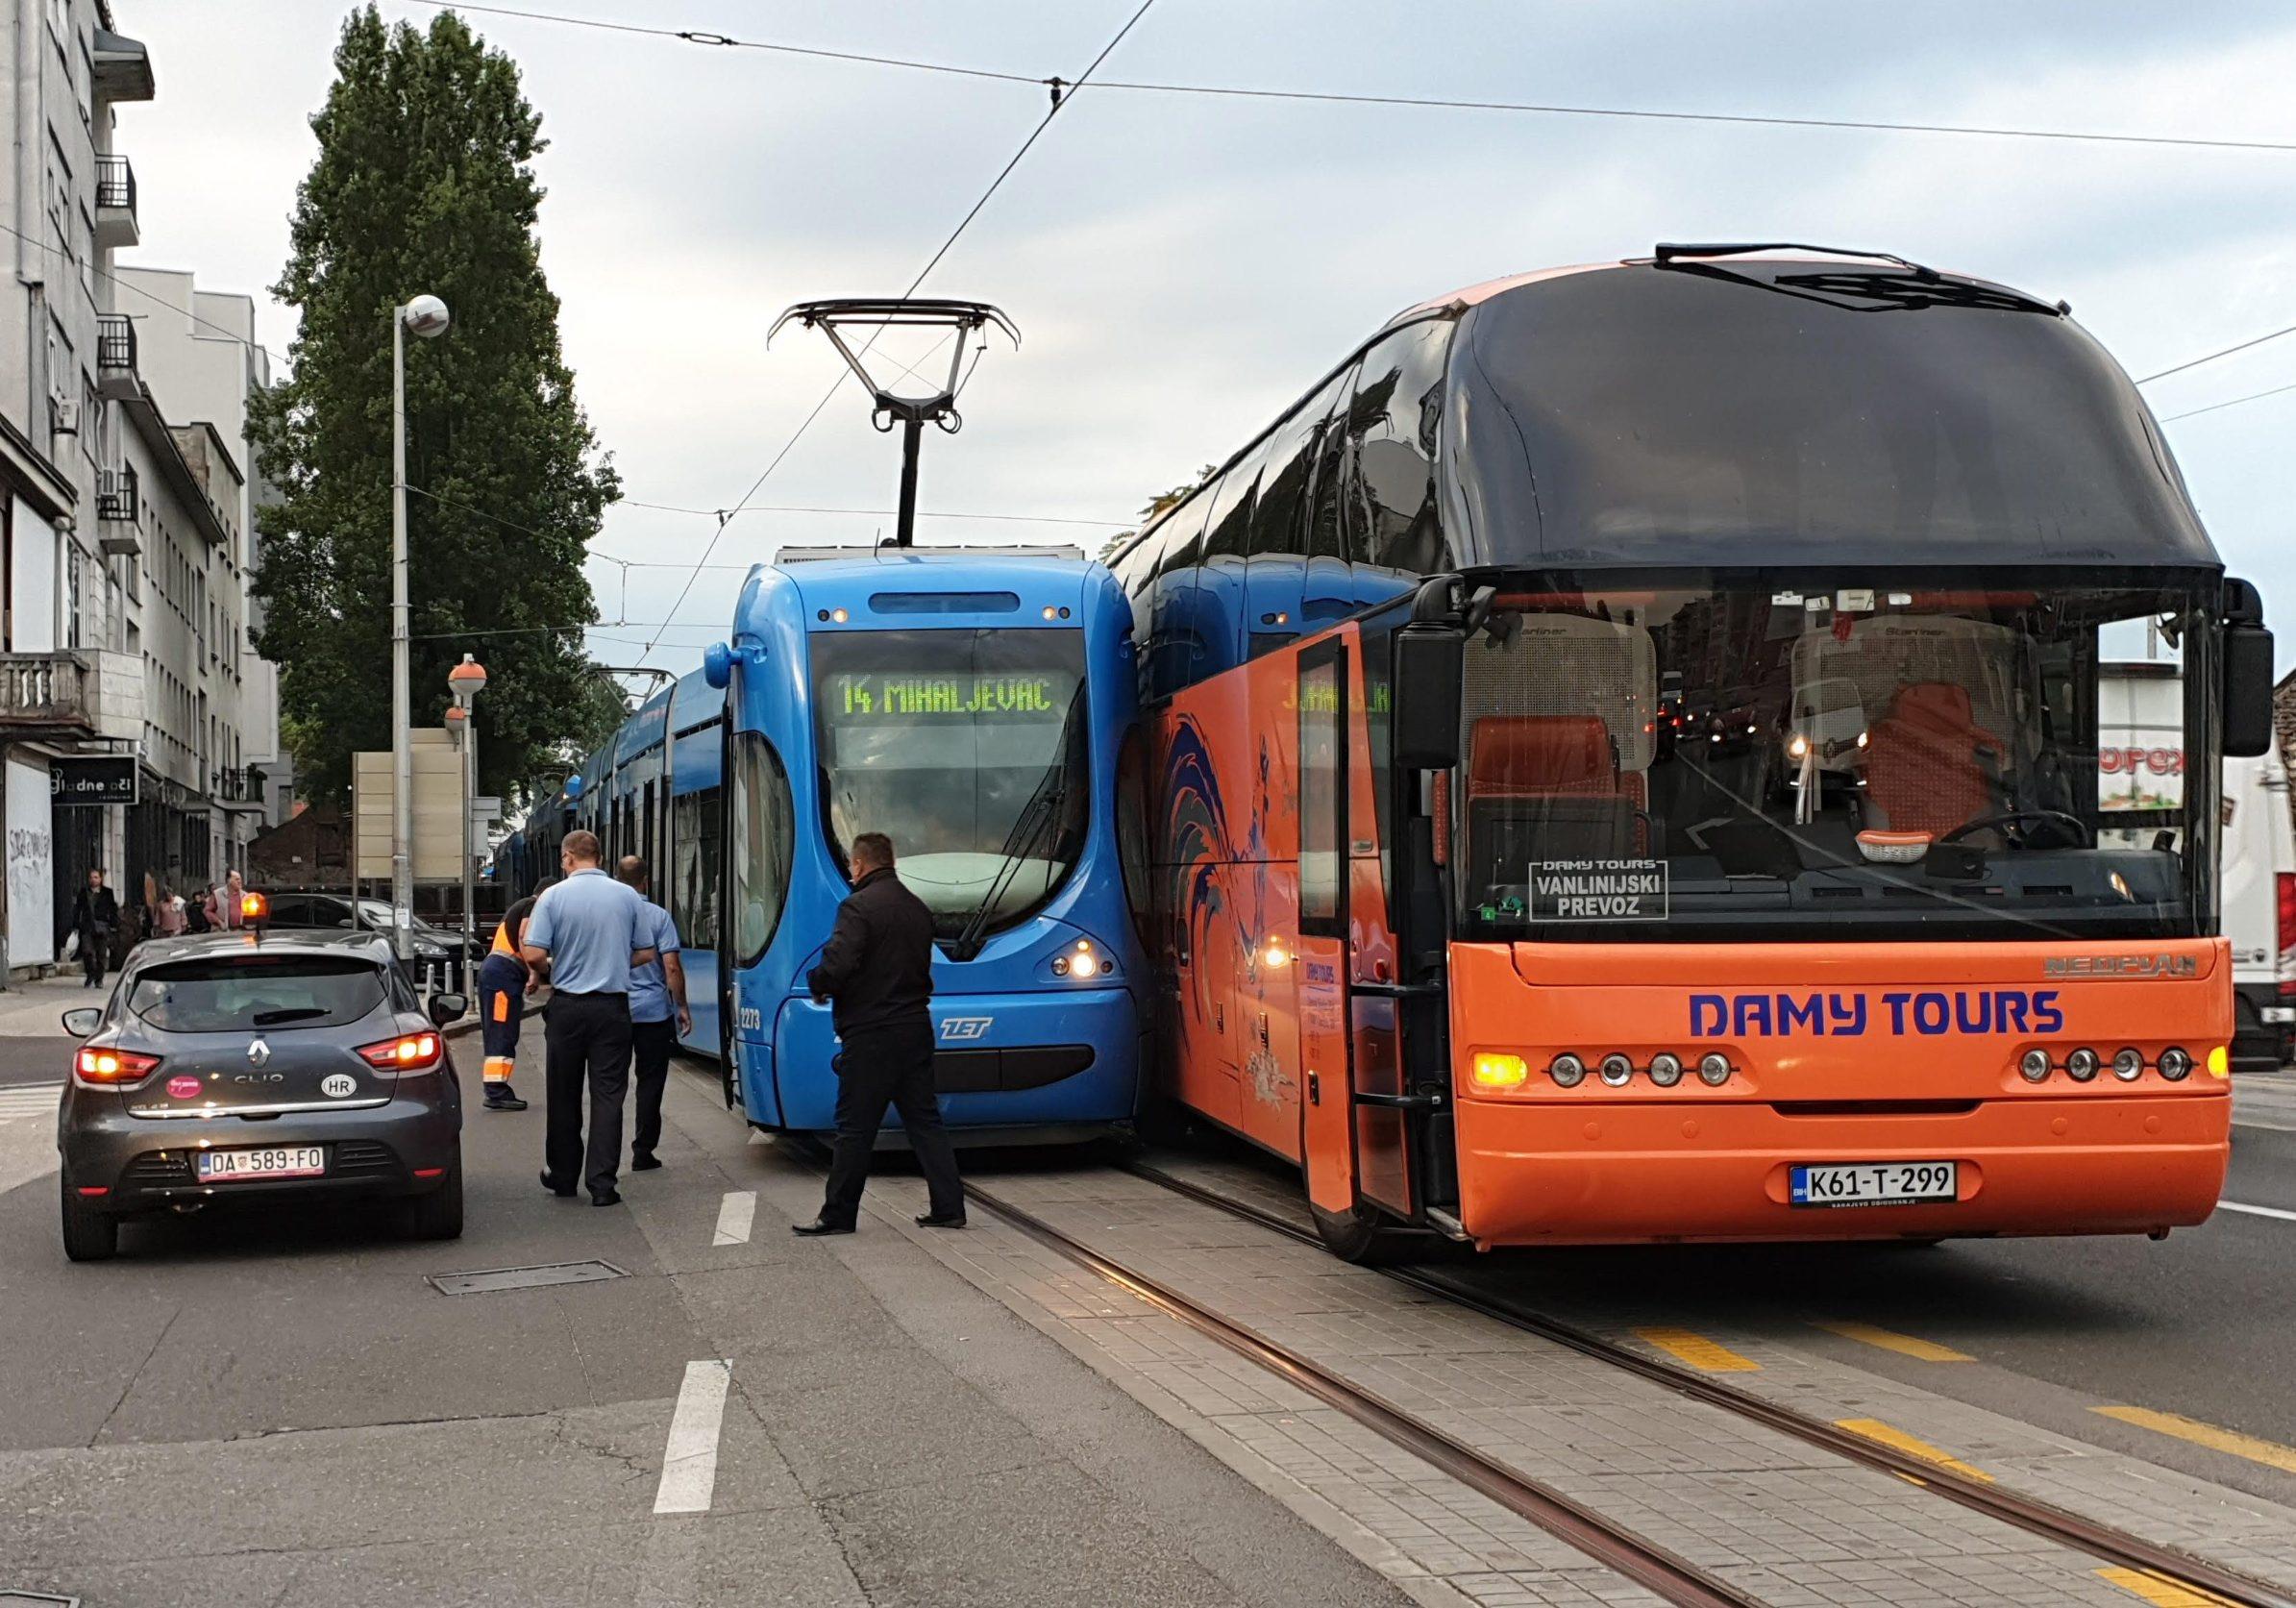 Zagreb, 120919. Zbog sudara autobusa i tramvaja doslo je do zastoja tramvaja u Savskoj ulici kod Vjesnika.Autobus je izbacio tramavaj iz tracnica. Foto: Maja Biscan / CROPIX